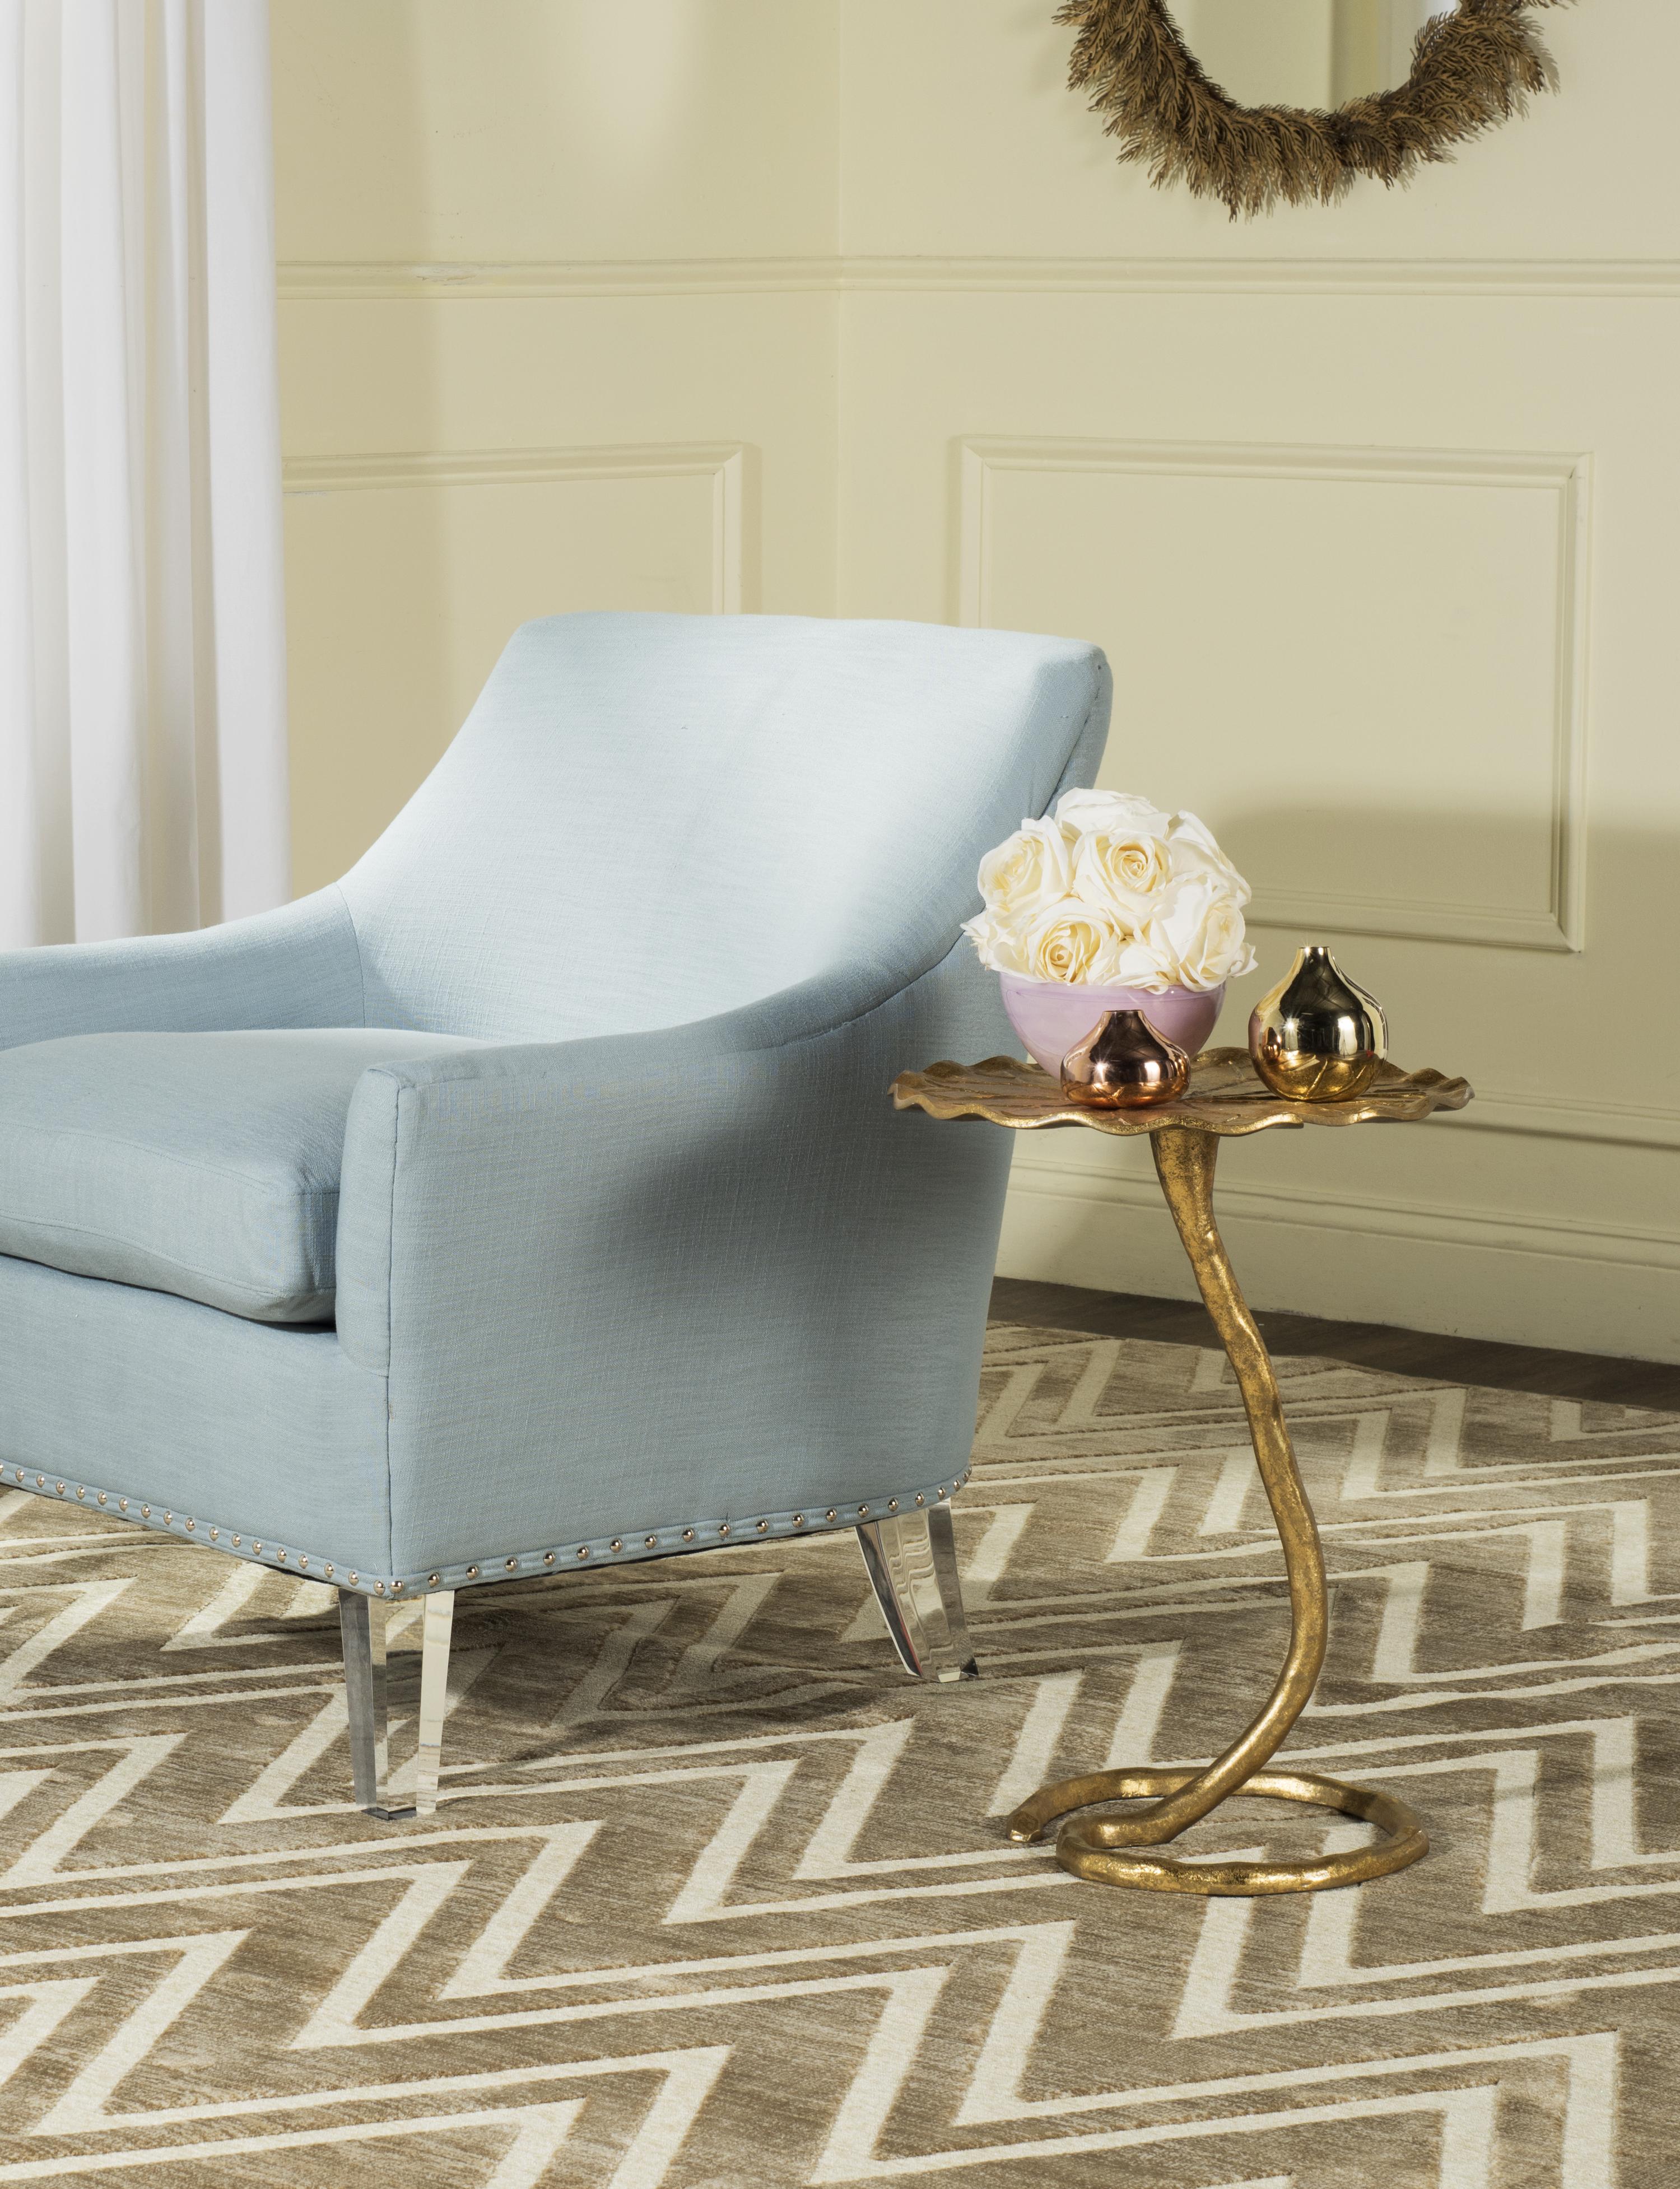 Table d'appoint en aluminium argenté